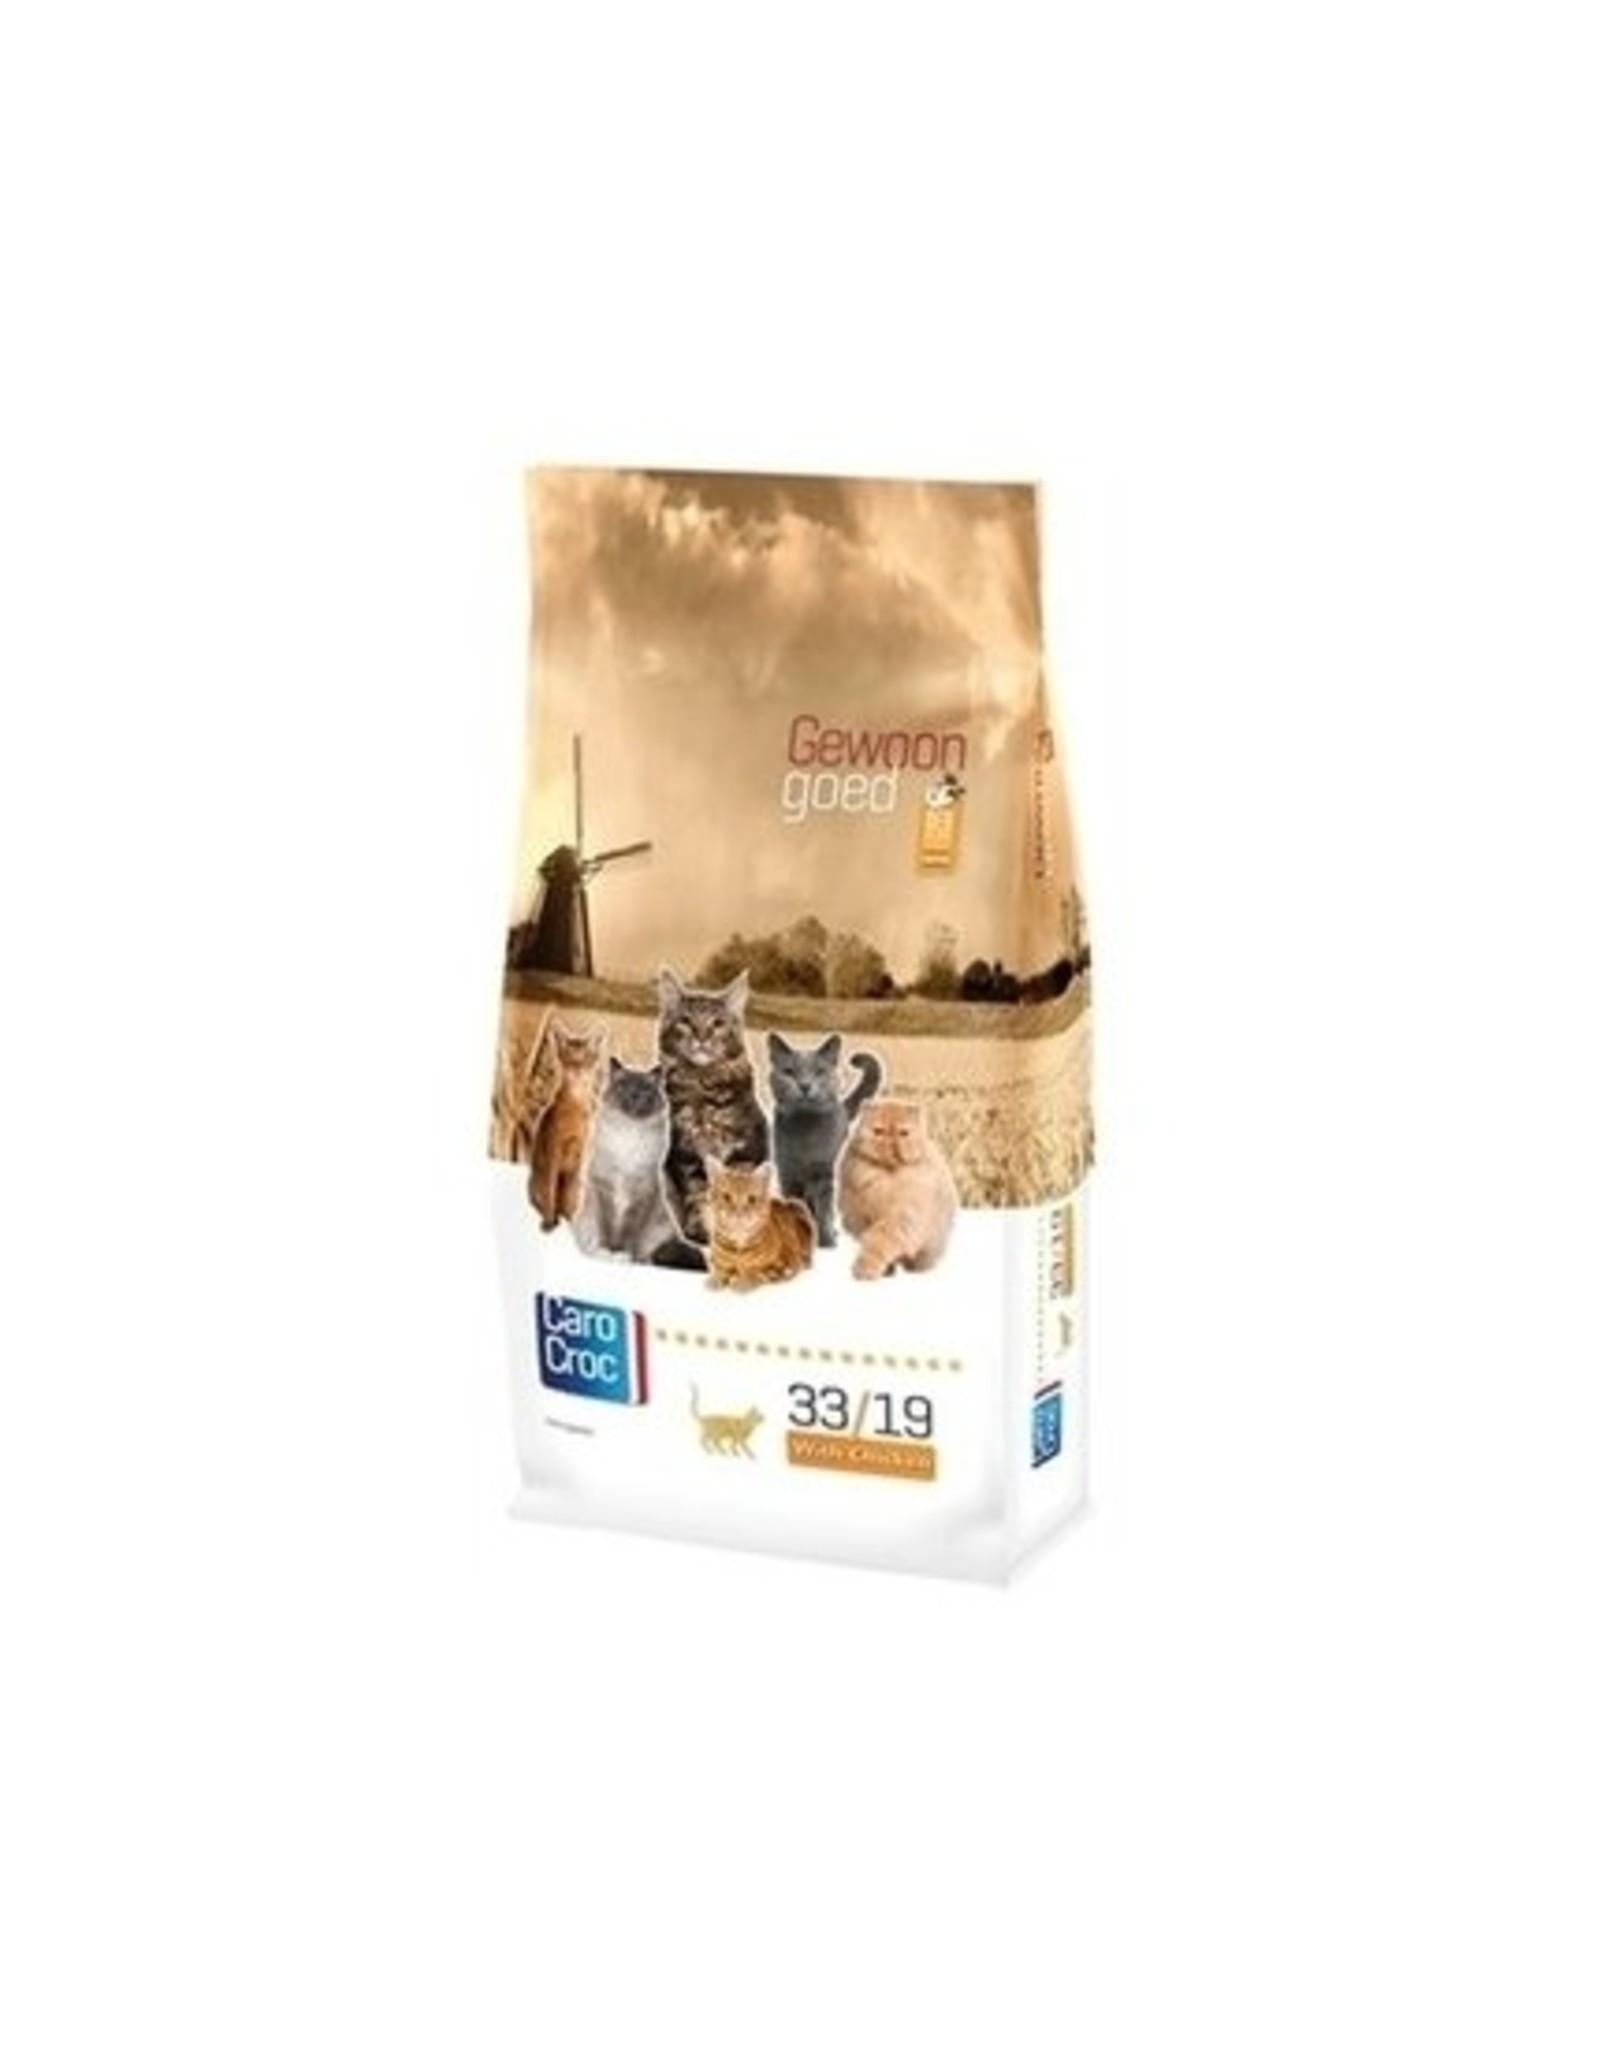 Sanimed Sanimed Carocroc Feline 33/19 Chk Riz 2kg